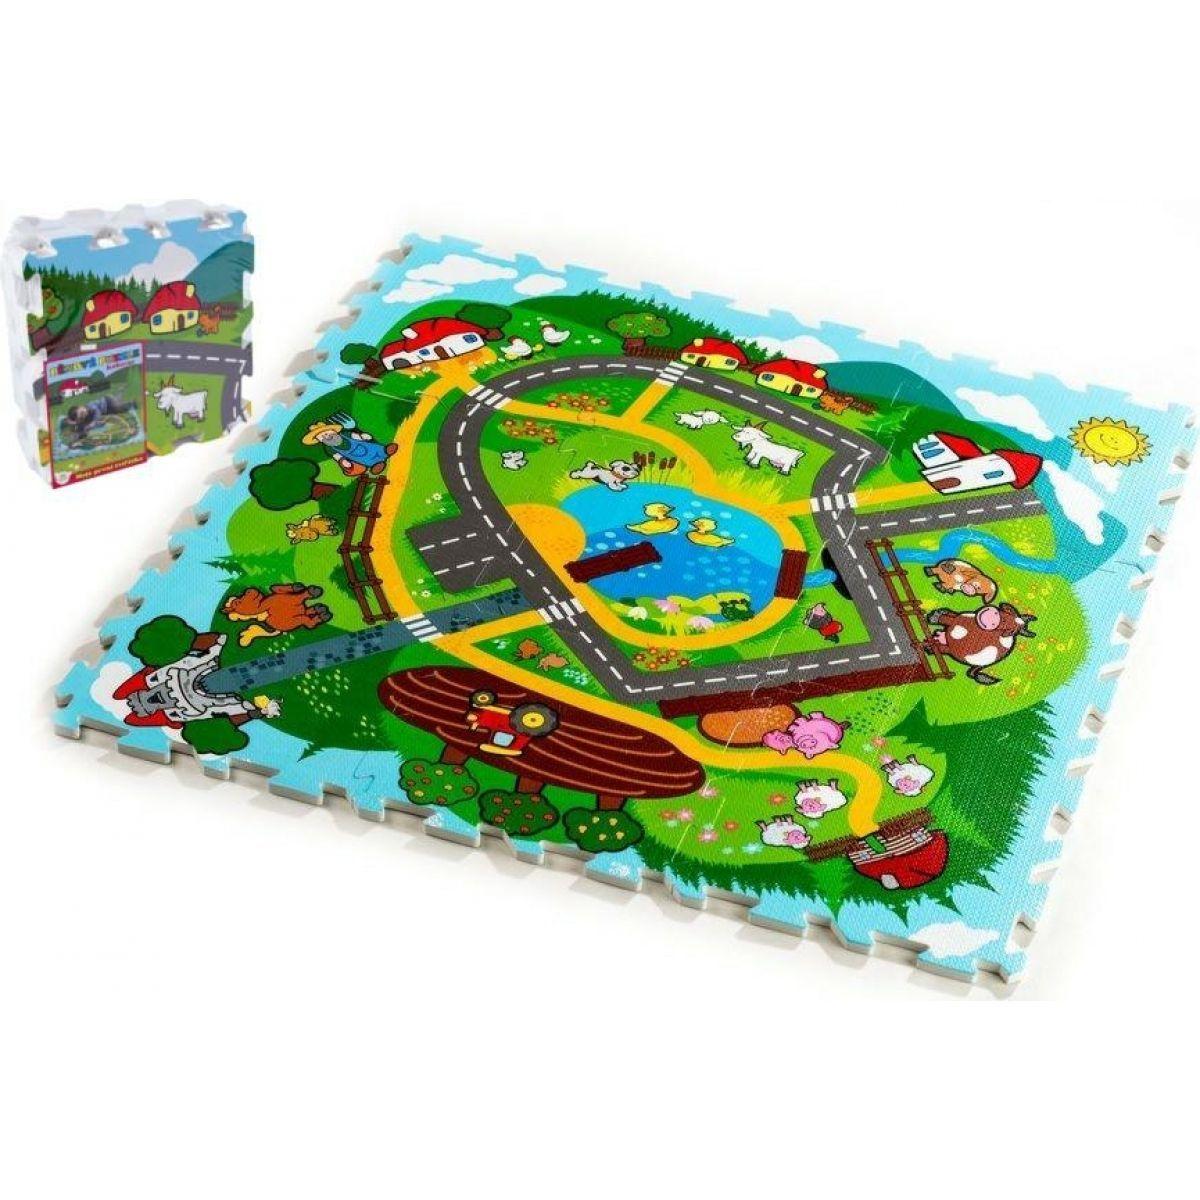 Teddies Pěnové puzzle Město Moje první zvířátka MPZ 30x30x1 2cm 9 ks